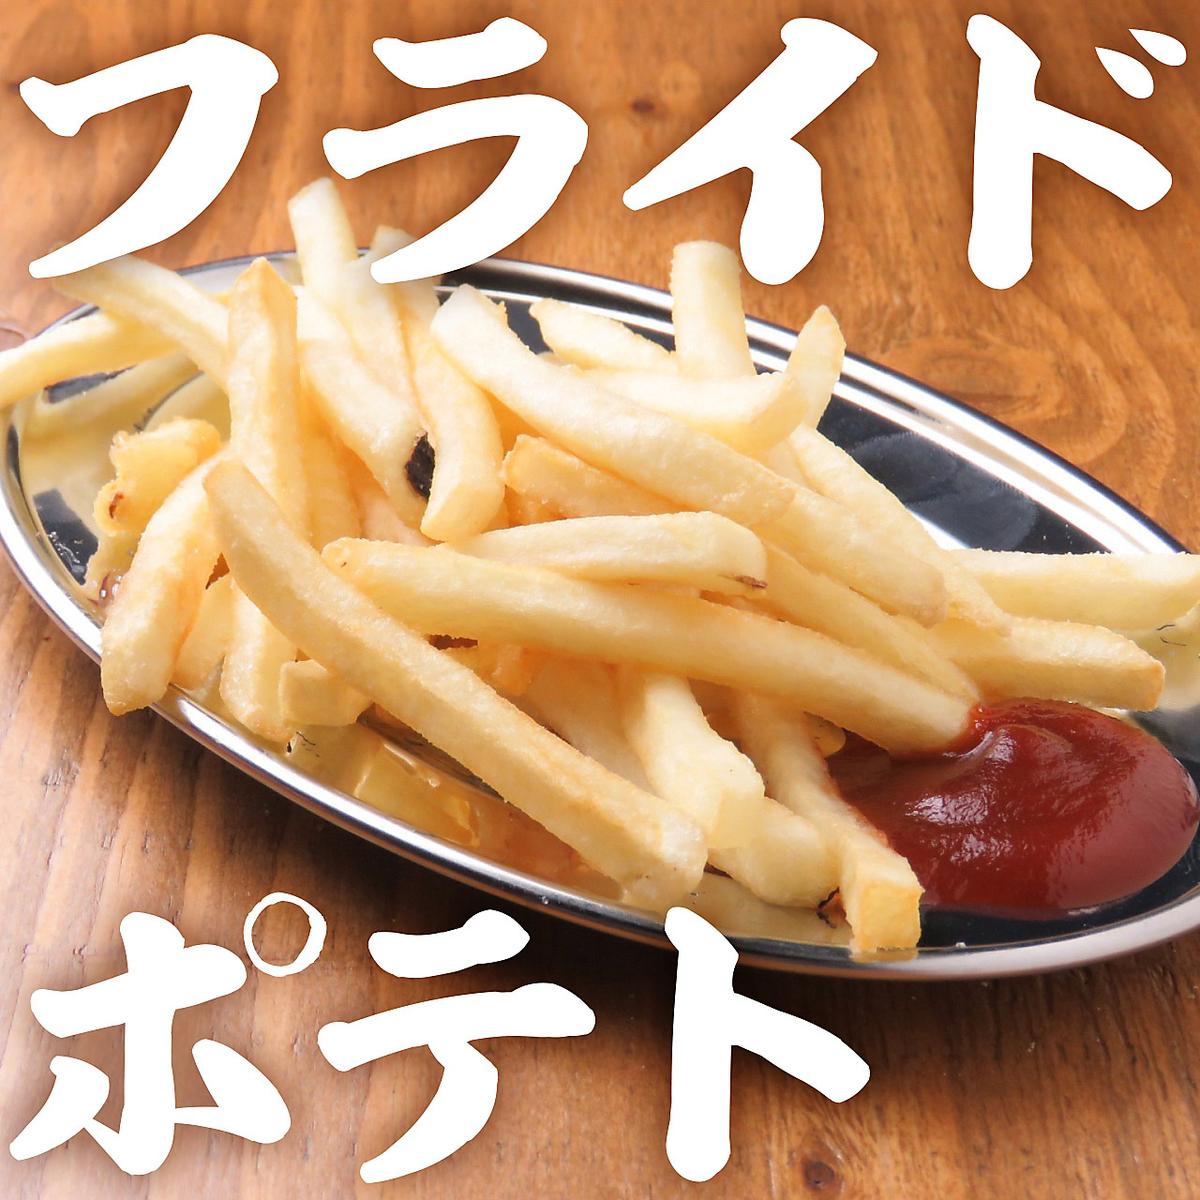 【揚げもの】フライドポテト 塩・海苔塩・唐辛子